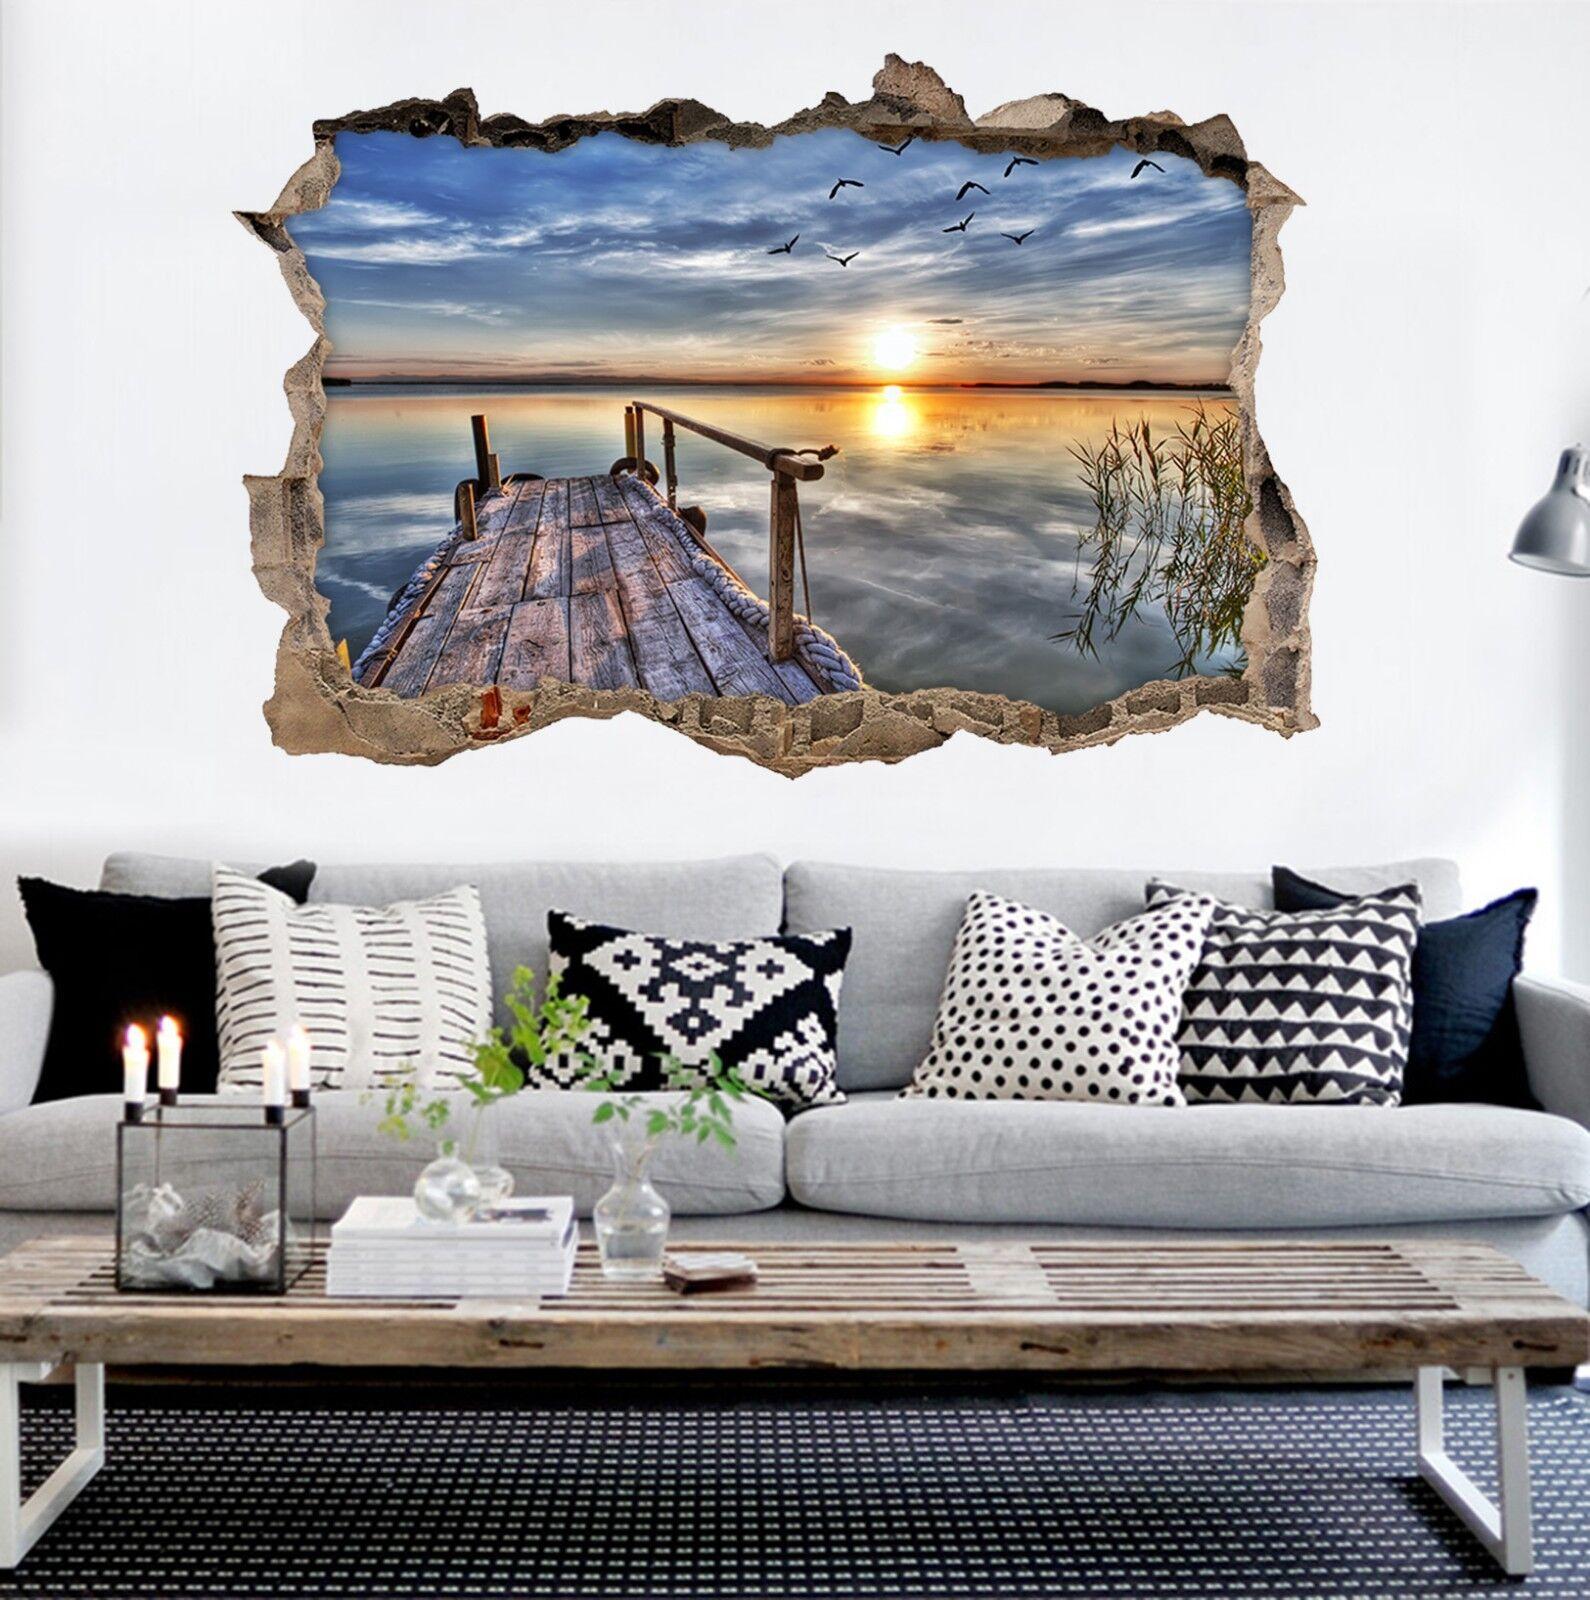 3D Stilles Meer 330 Mauer Murals Mauer Aufklebe Decal Durchbruch AJ WALLPAPER DE